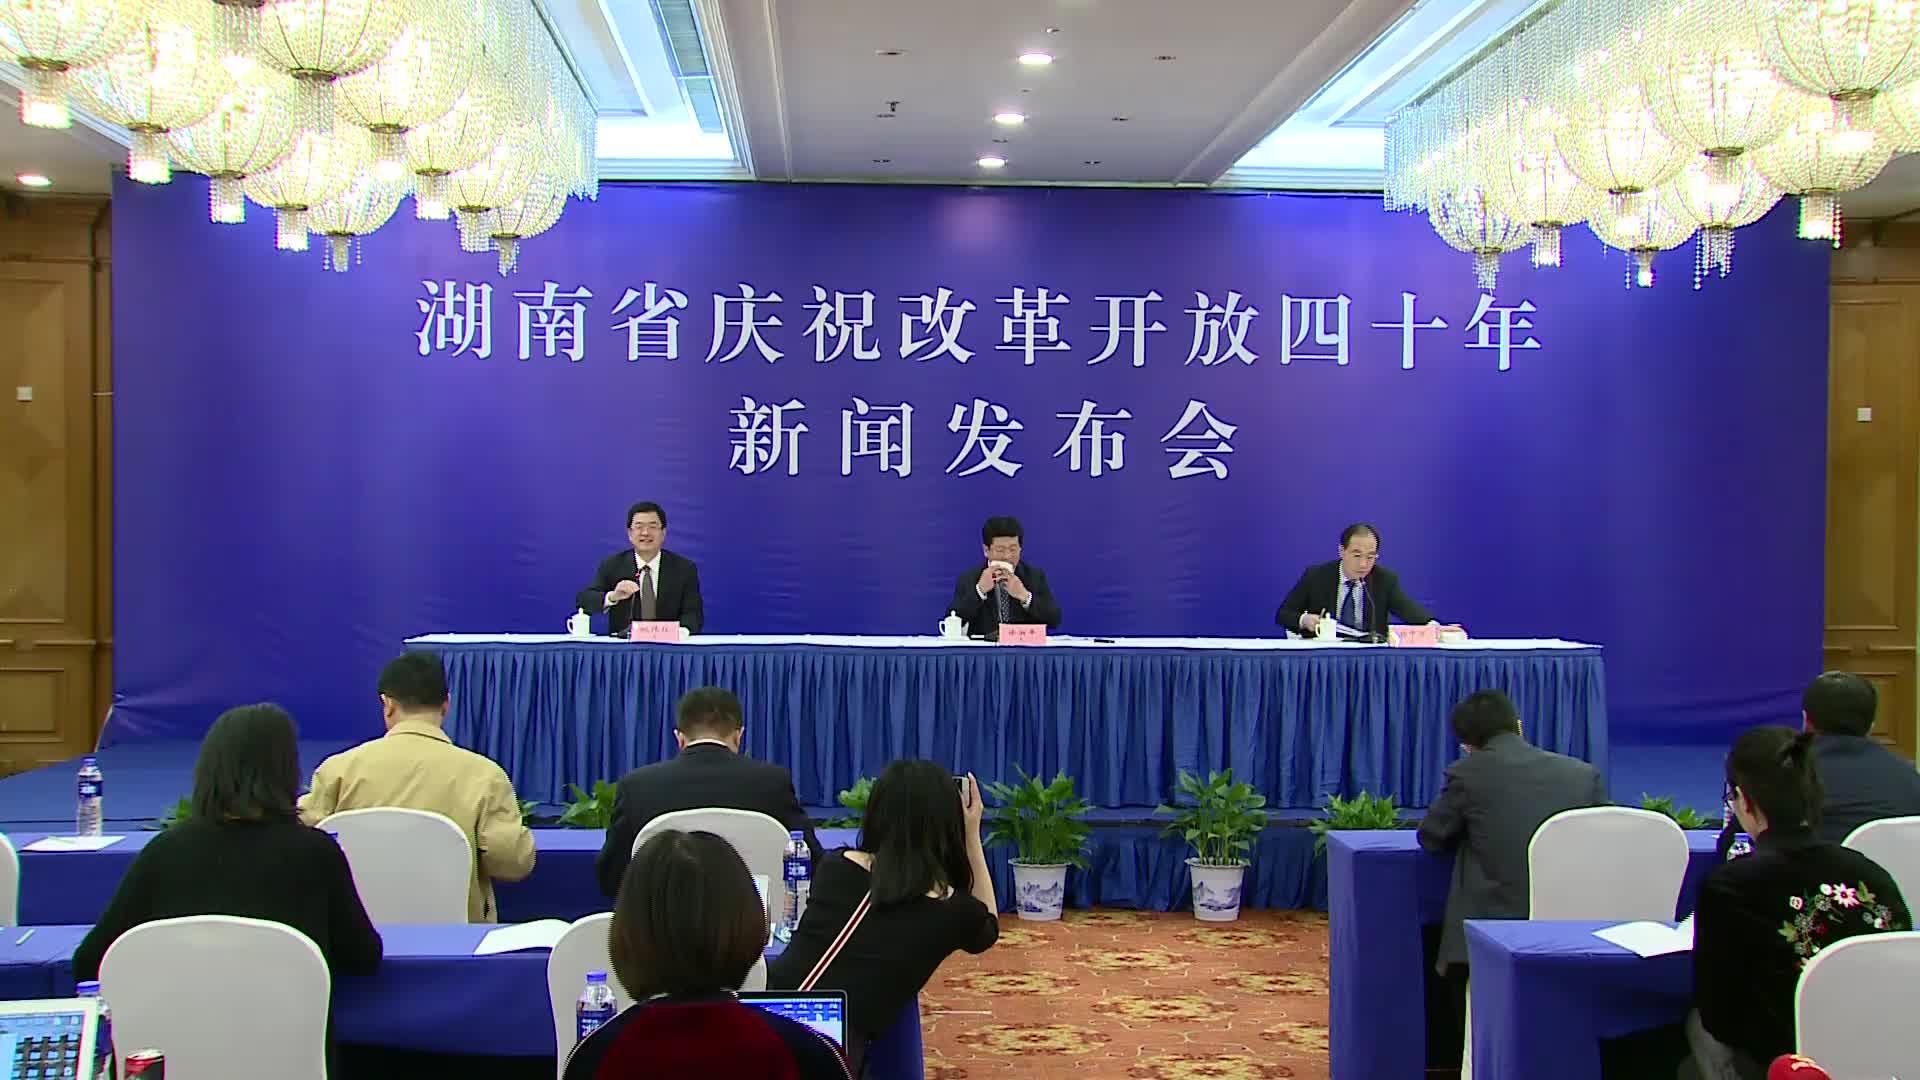 【全程回放】湖南省庆祝改革开放四十年系列新闻发布会:改革开放40周年全省商务和开放型经济改革发展成就